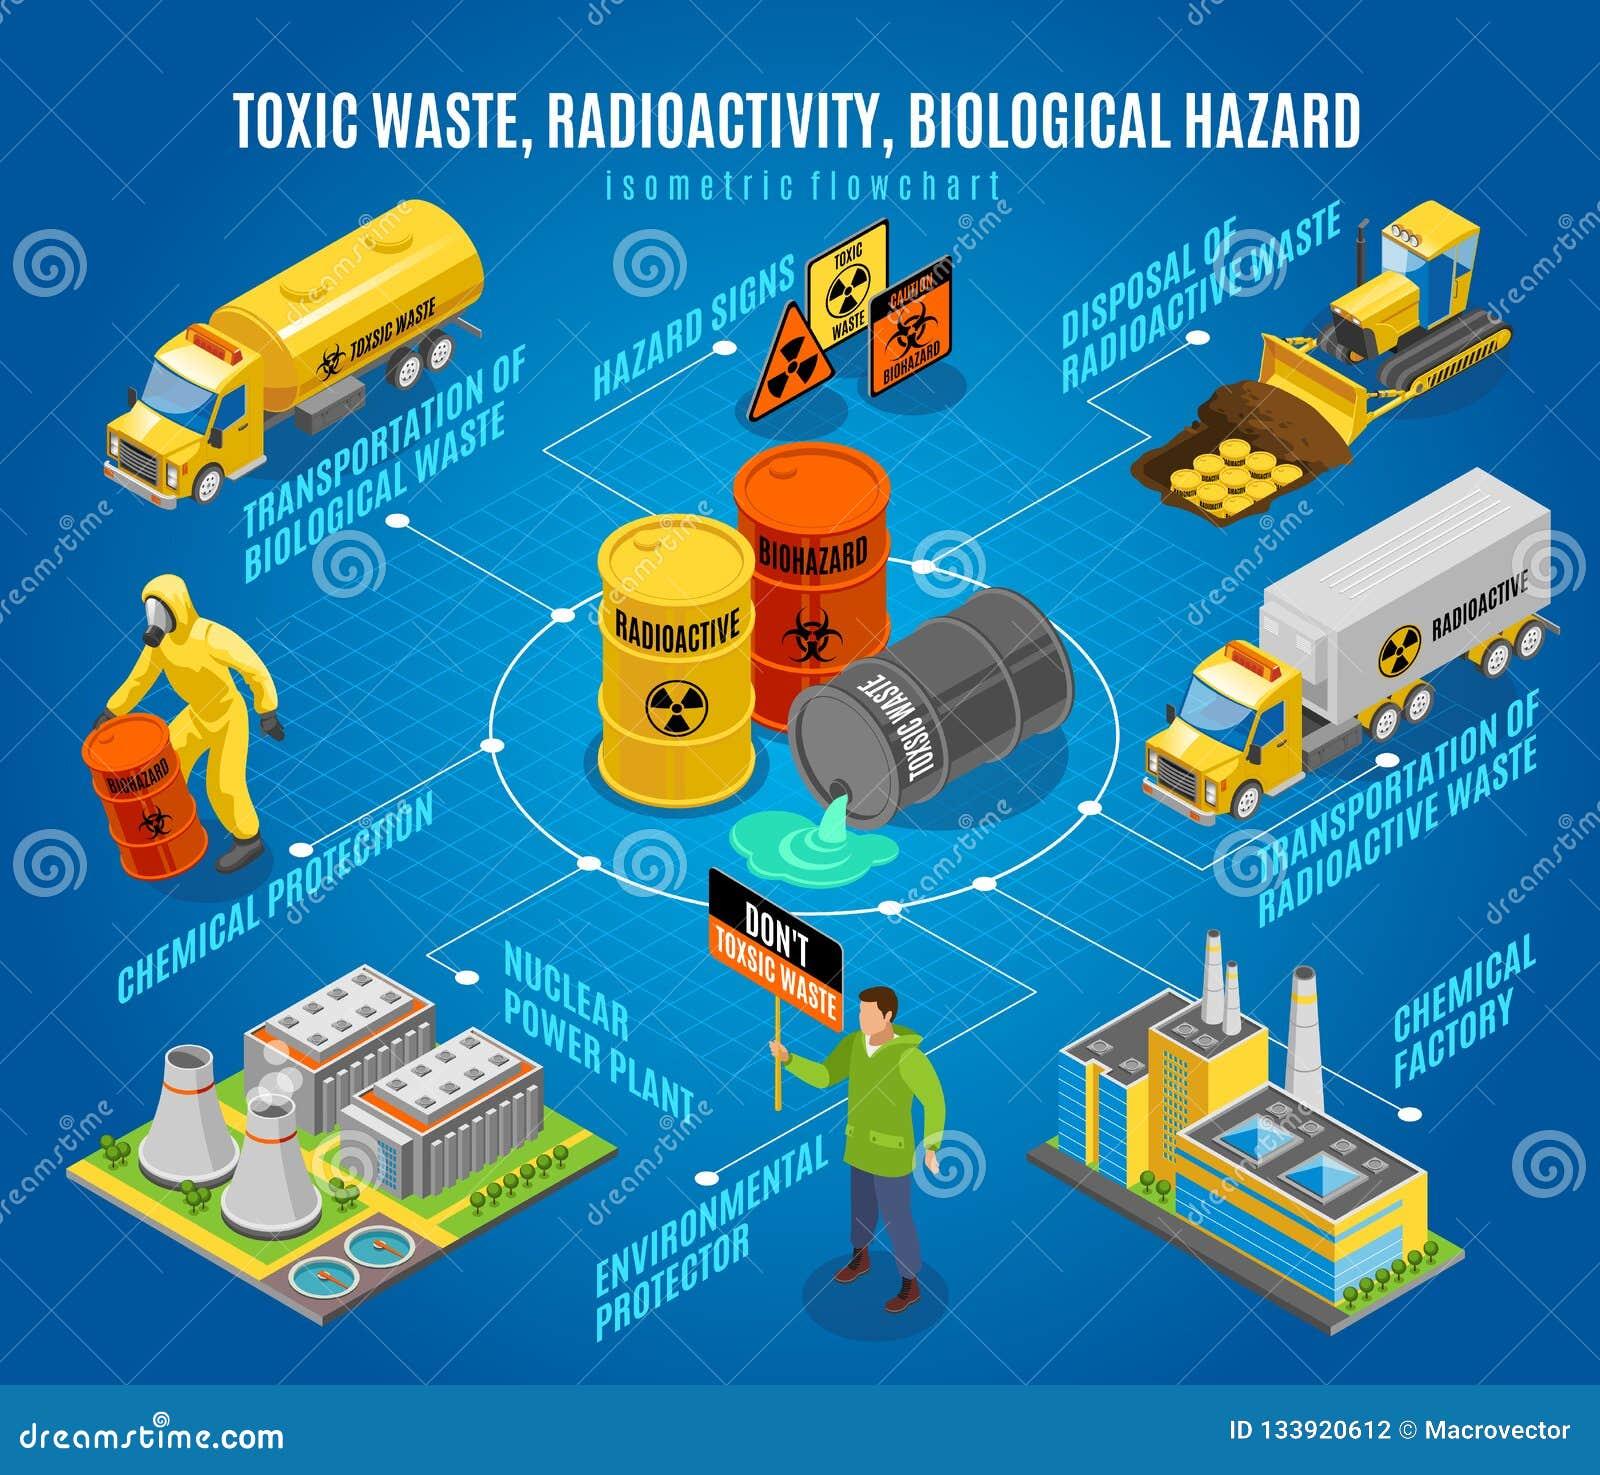 Fluxograma isométrico do perigo dos resíduos tóxicos